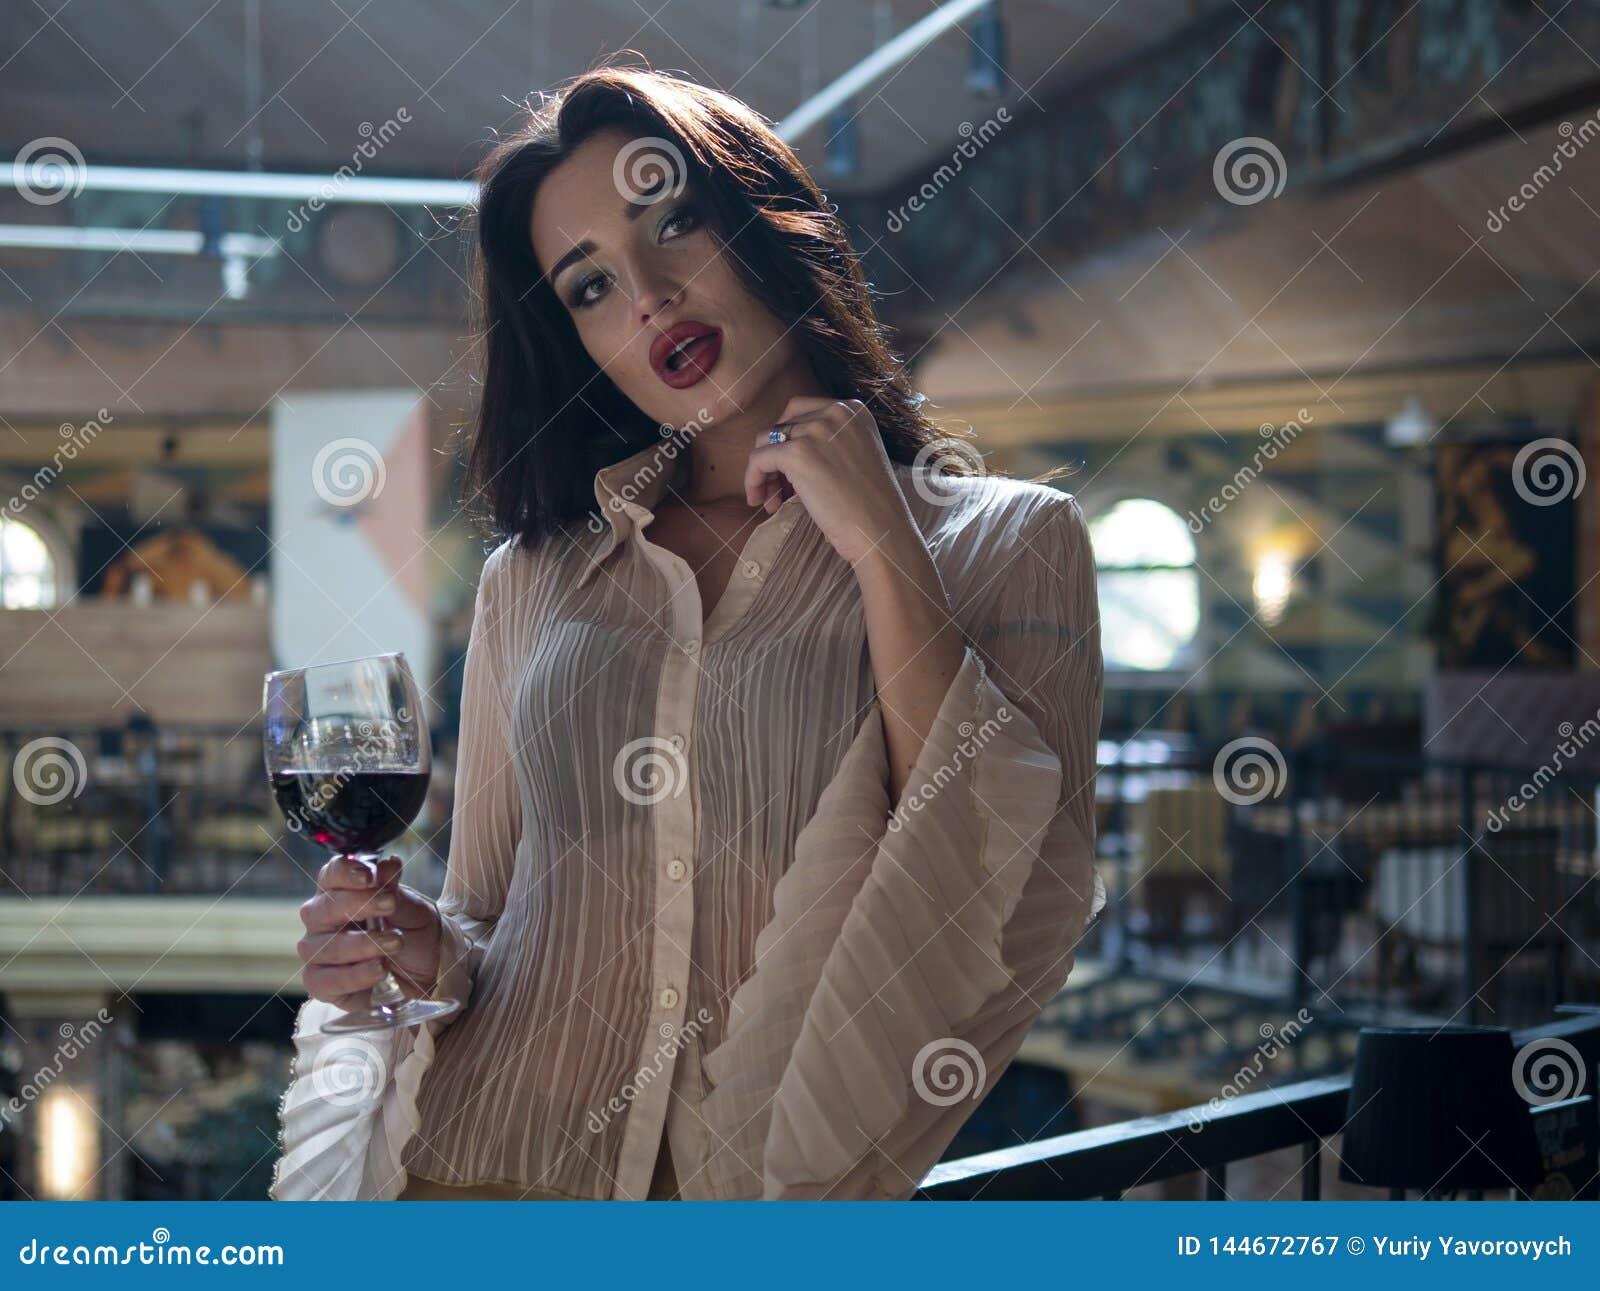 Het mooie meisje model stellen die zich met een glas rode wijn in haar bevinden dient een restaurant in